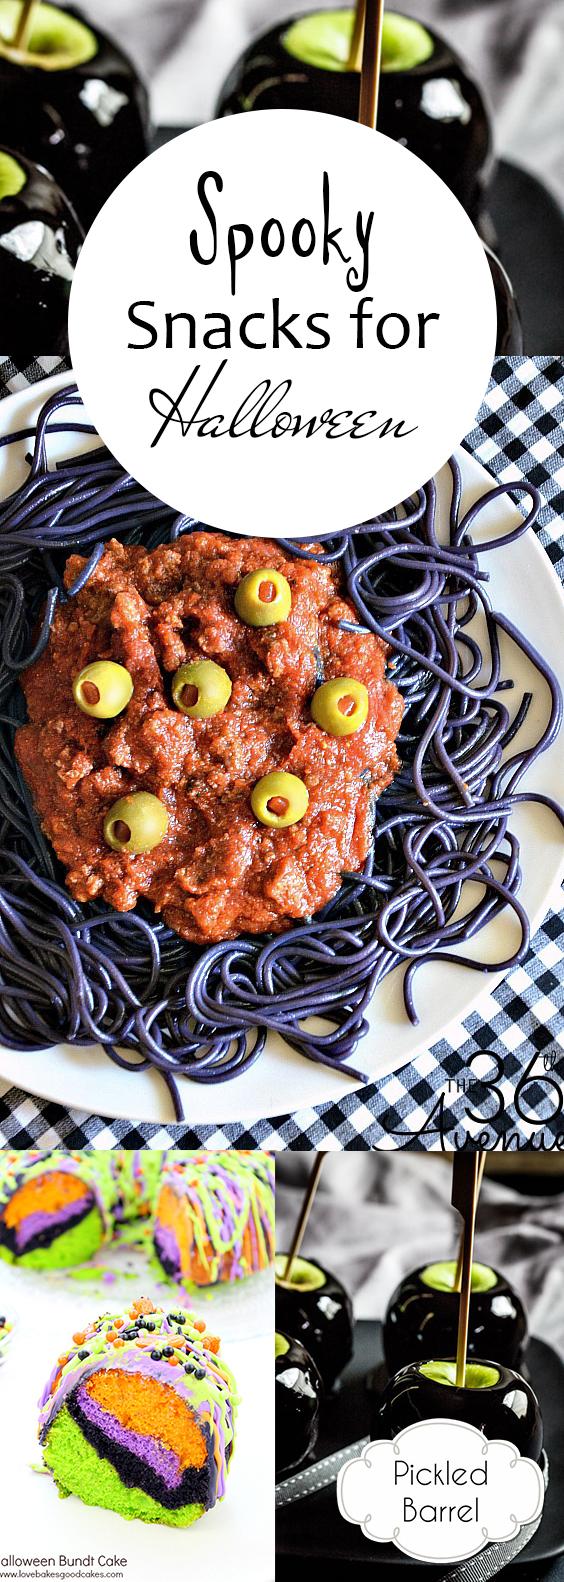 Snacks for Halloween, Halloween Party Snacks, Halloween Recipes, Easy to Make Recipes for Halloween, Fall, Fall Recipes, Halloween Party Ideas, Ideas for Kids Halloween Parties, Popular Pin